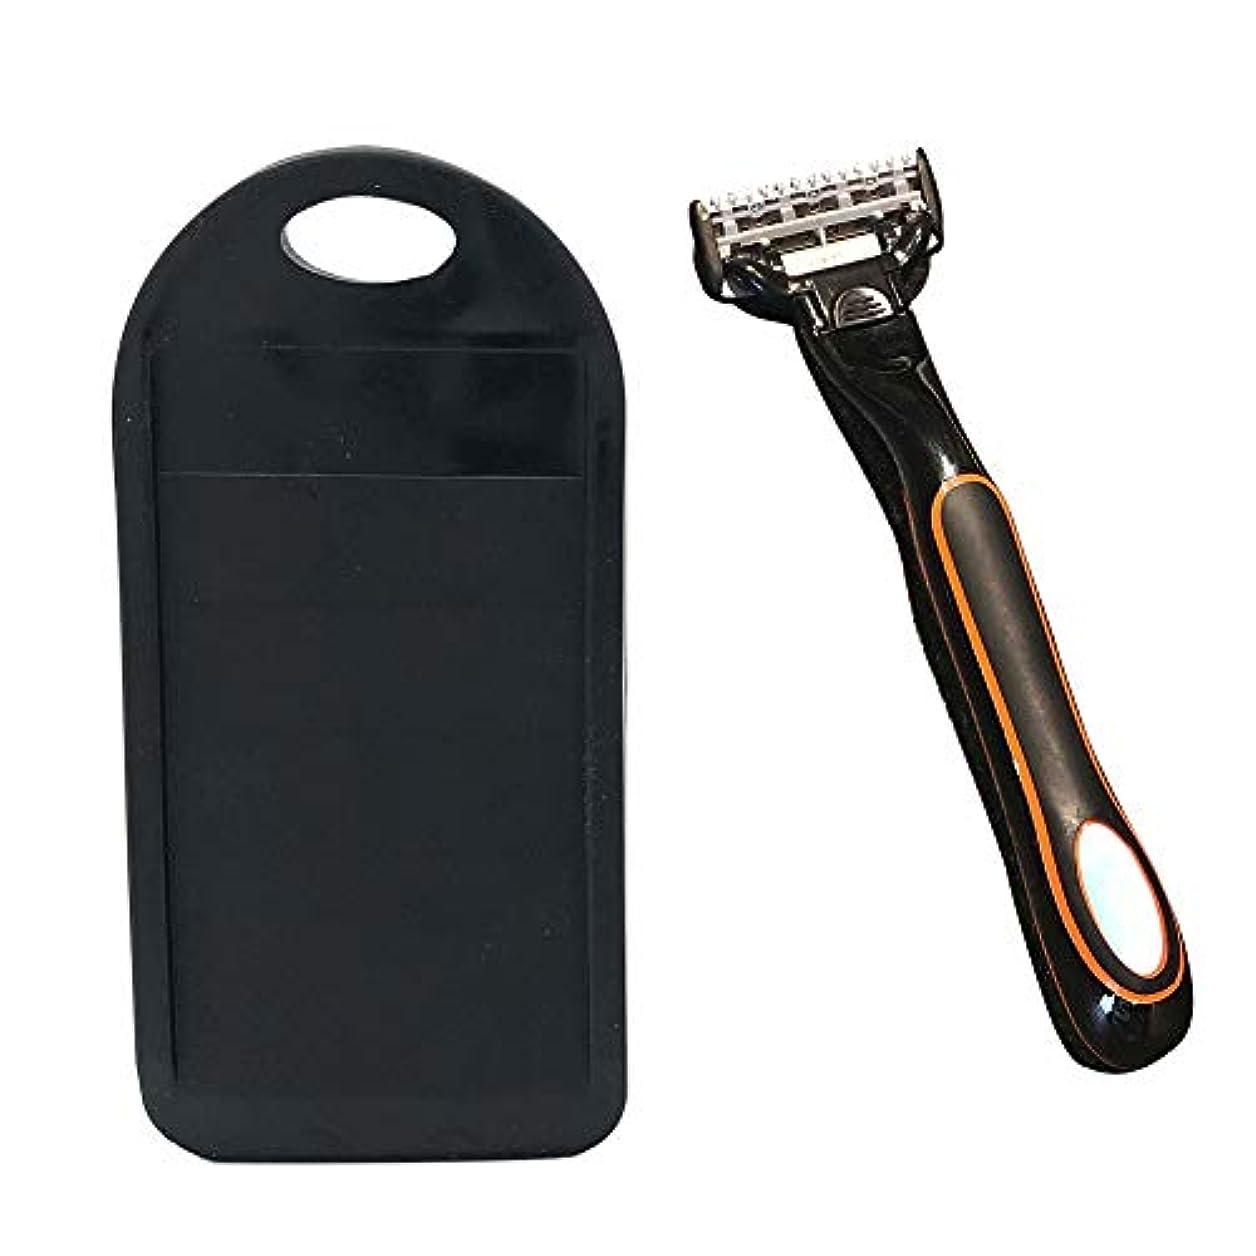 トピックサワー針シェーバークリーナー、男性女性耐久性のある便利な手動カミソリ刃研ぎ器ユニバーサルクリーナー、カミソリ刃の寿命を延ばす